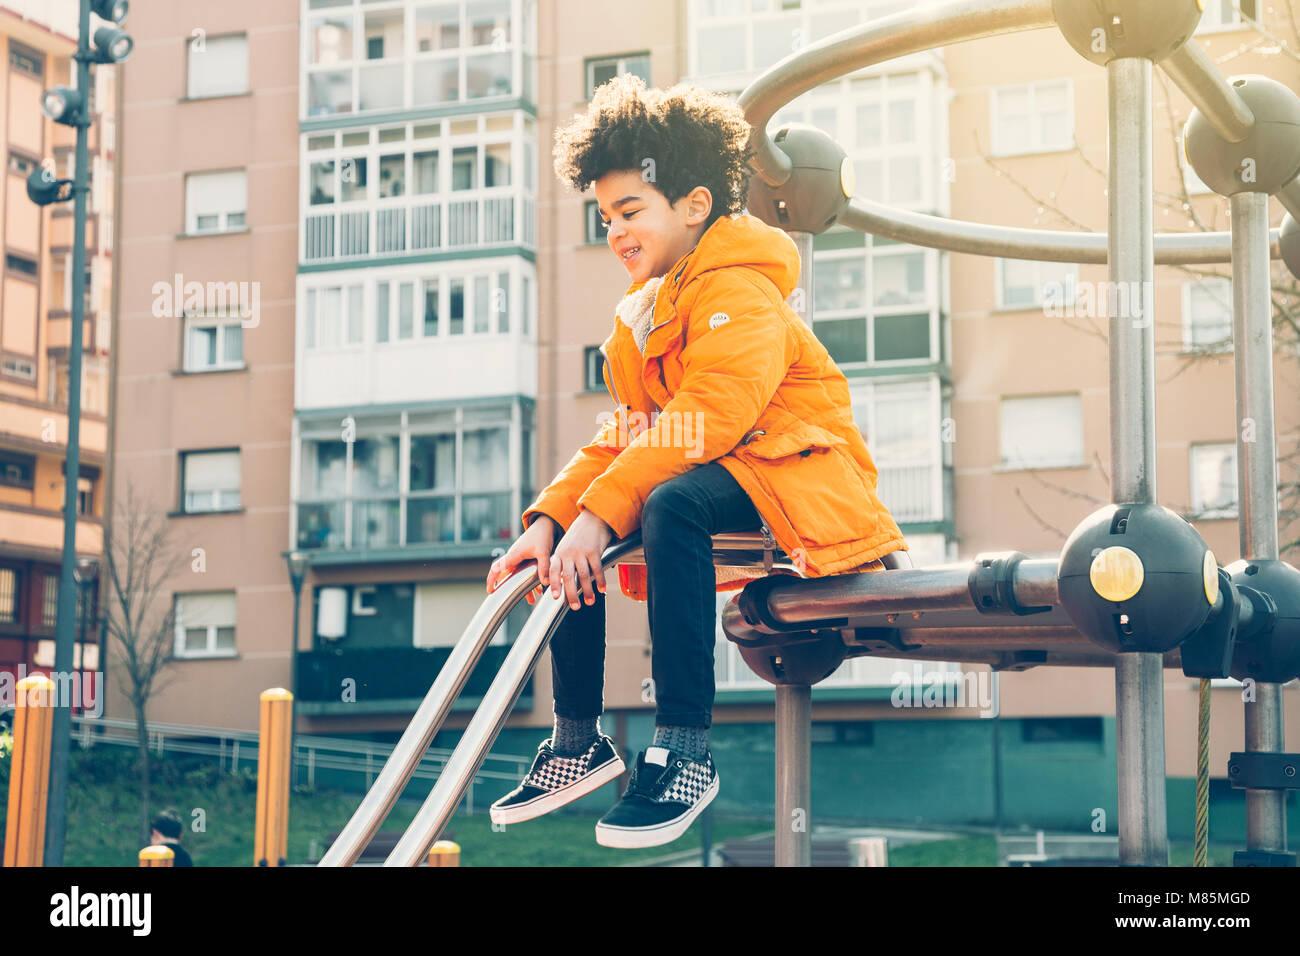 Happy kid en manteau orange escalade sur l'aire de jeux dans une journée ensoleillée Photo Stock